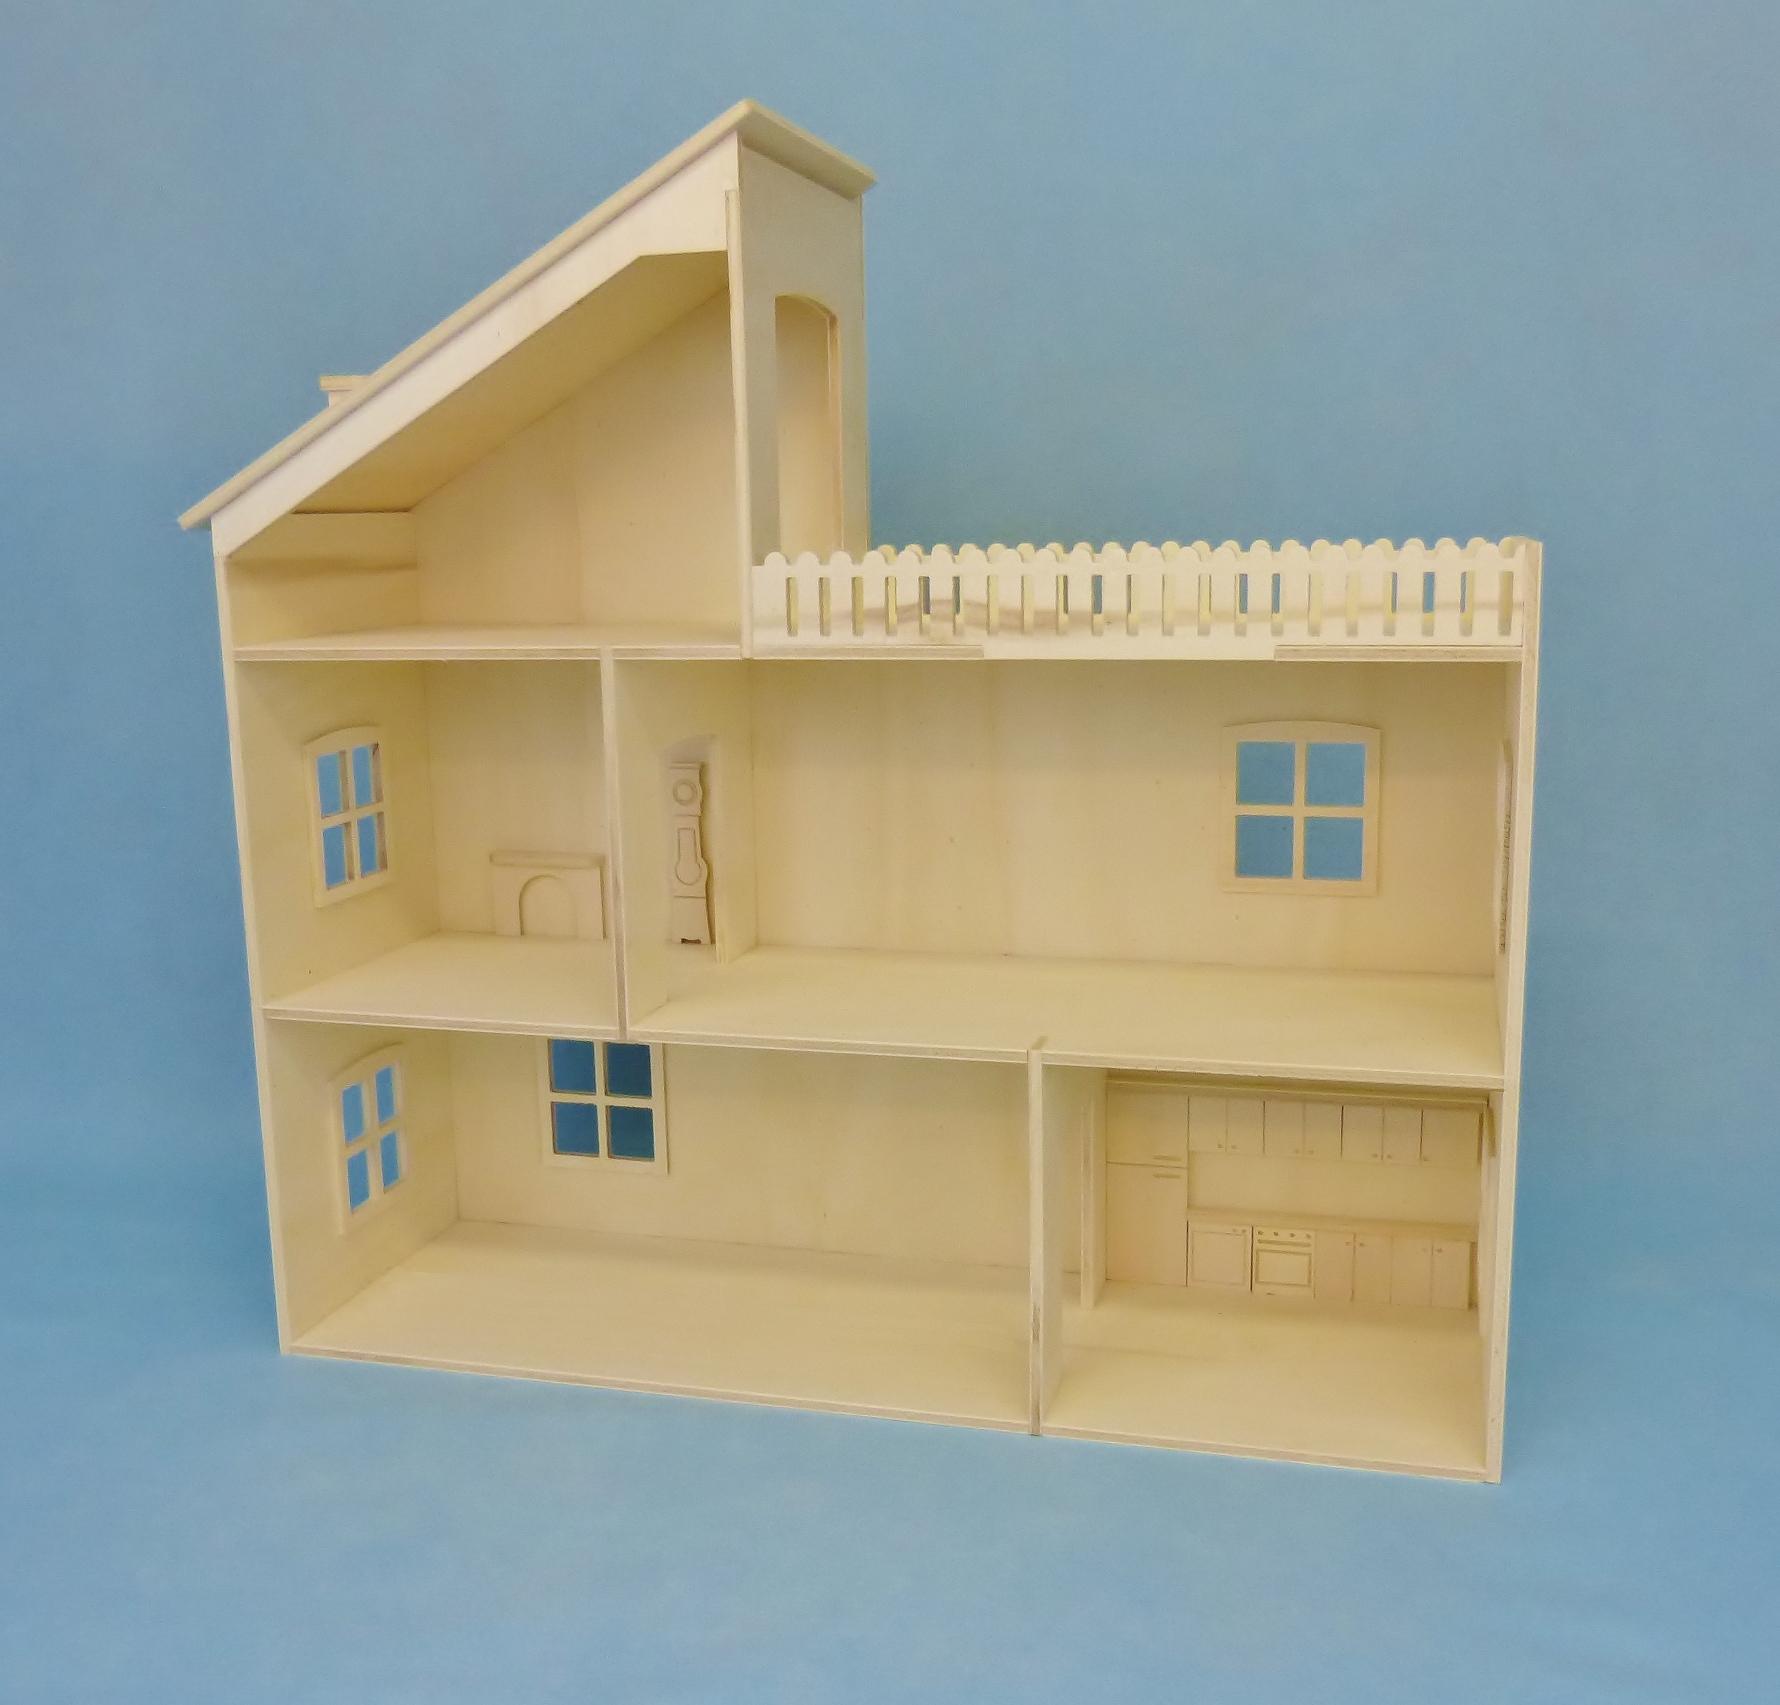 Maison de barbie en bois a construire - Maison a decorer ...